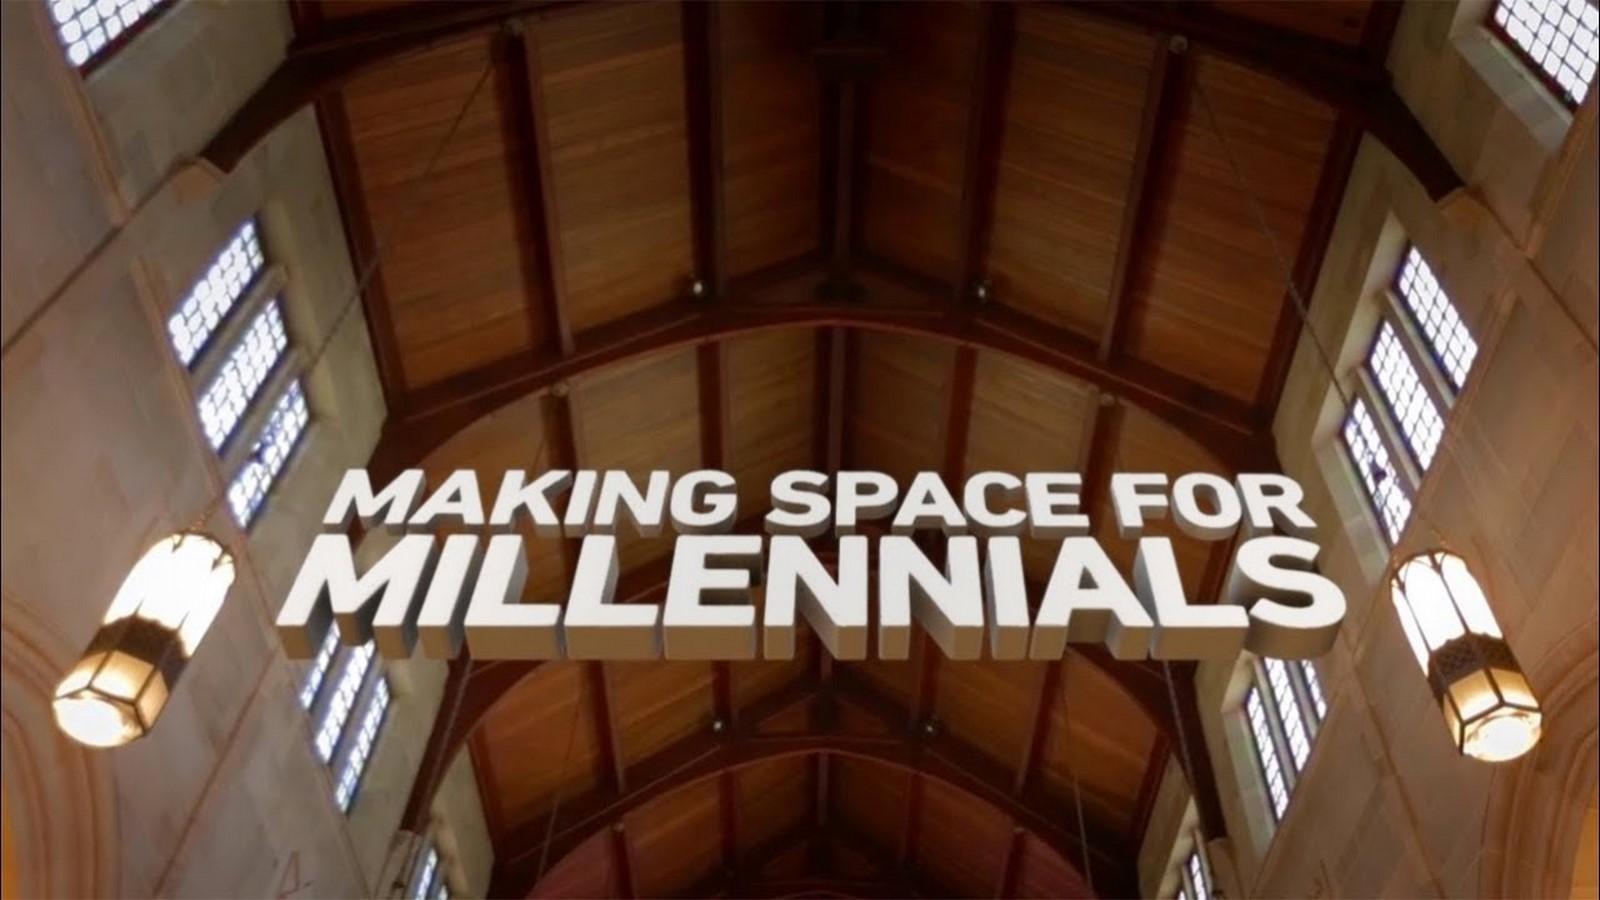 Making Space for Millennials - Sheet1